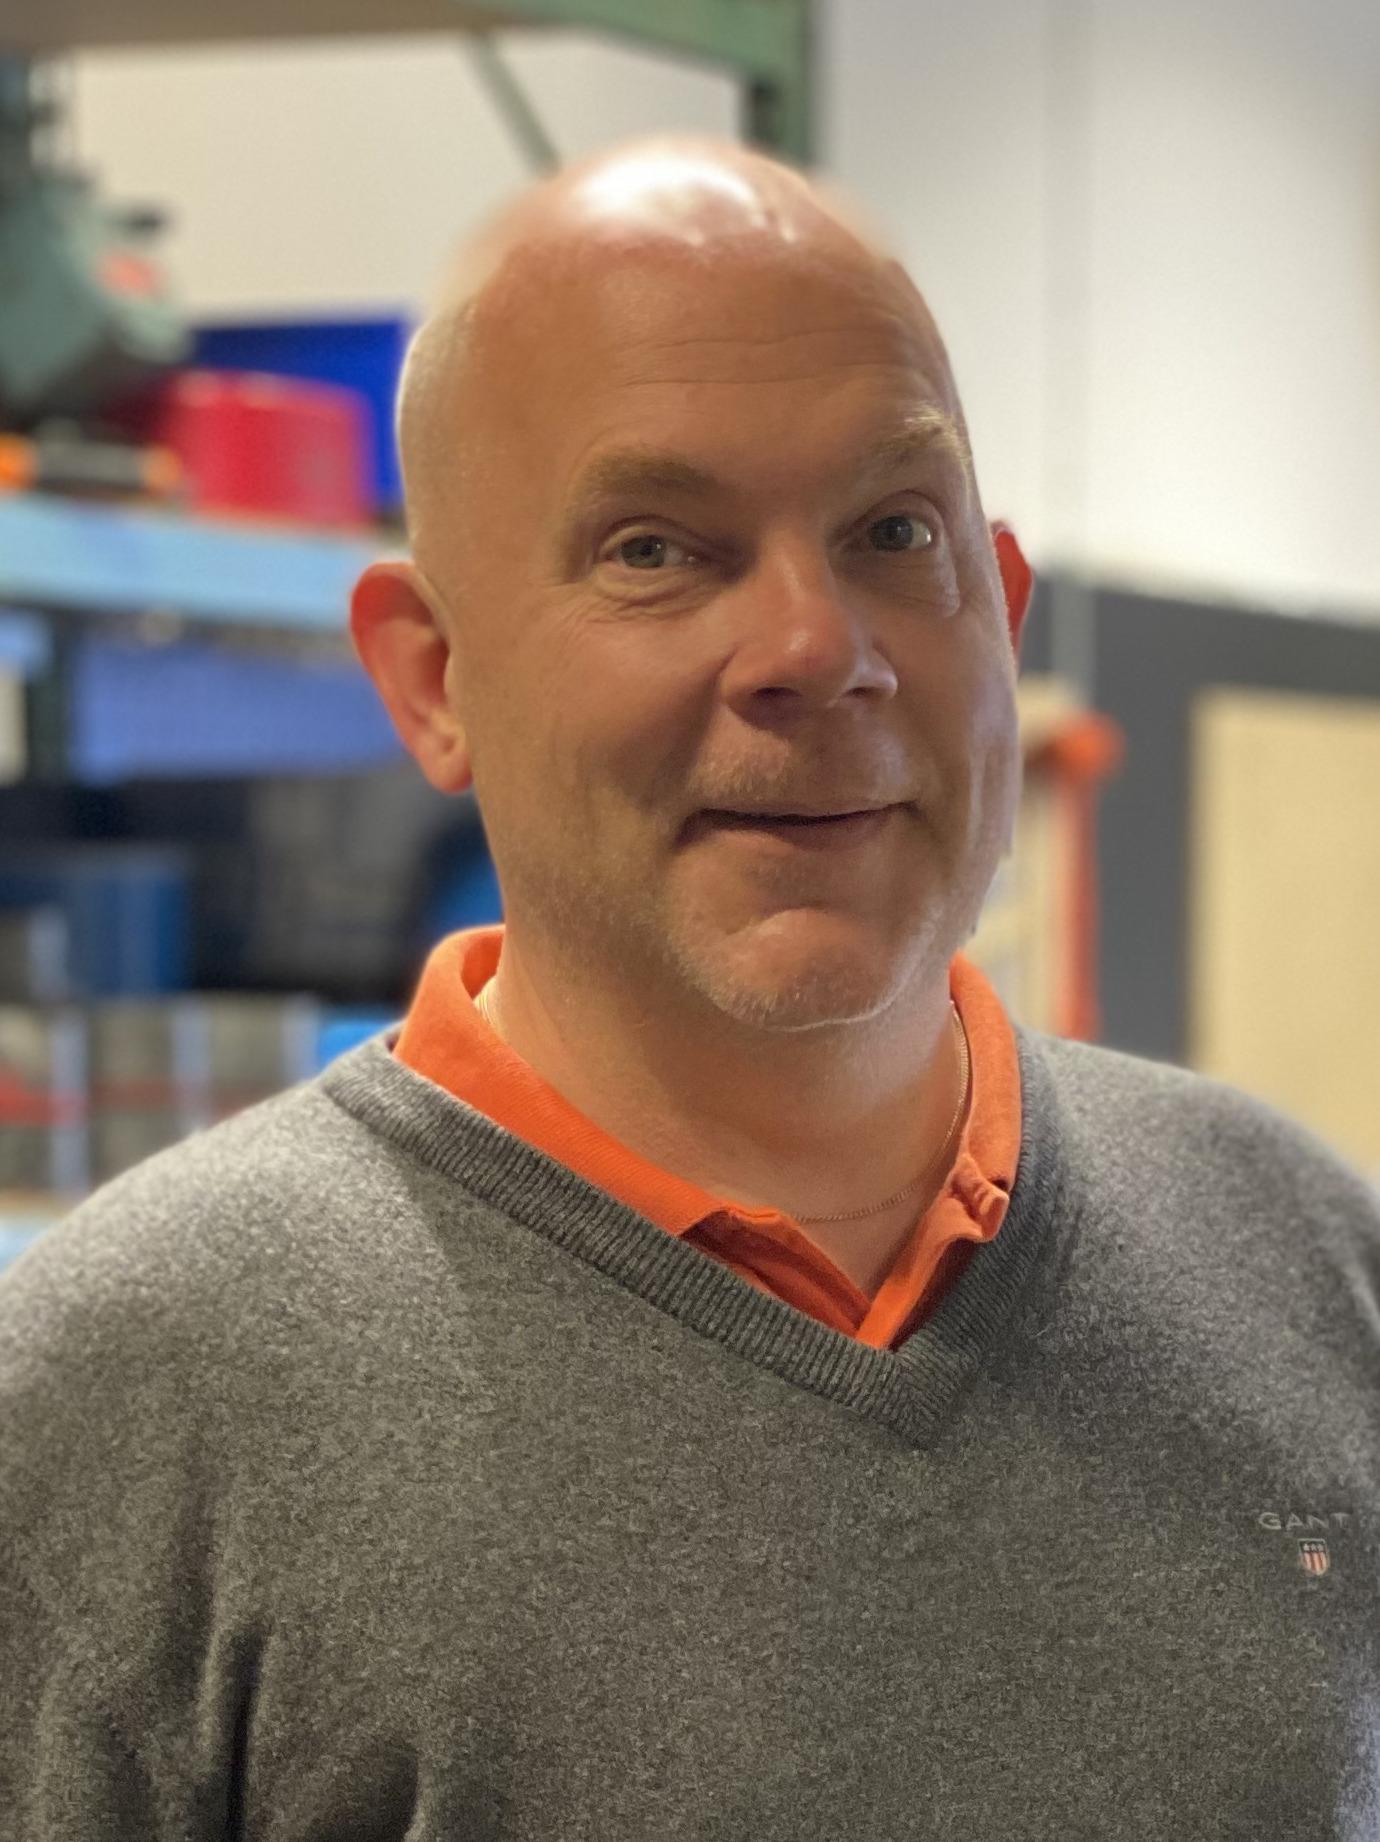 Thomas Backlund